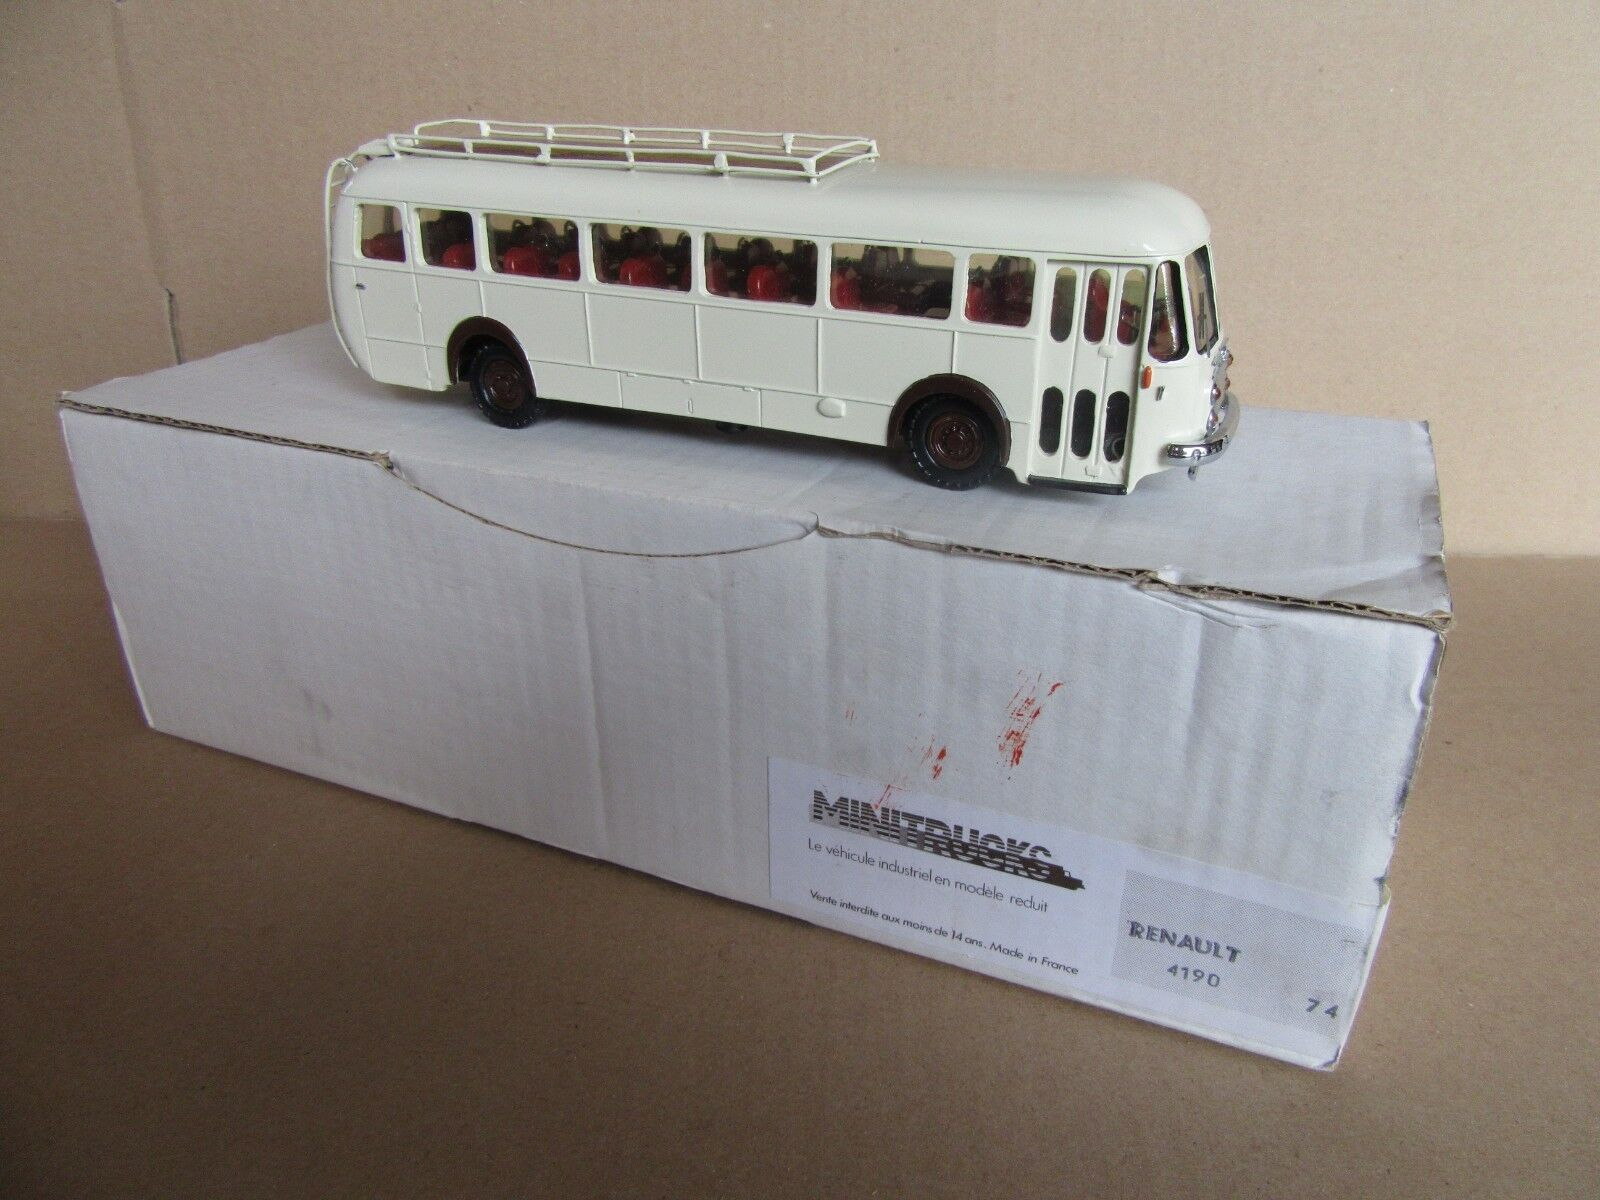 70H Minitrucks 74 Bus Renault 4120 Crema 1 50 Kit Resina